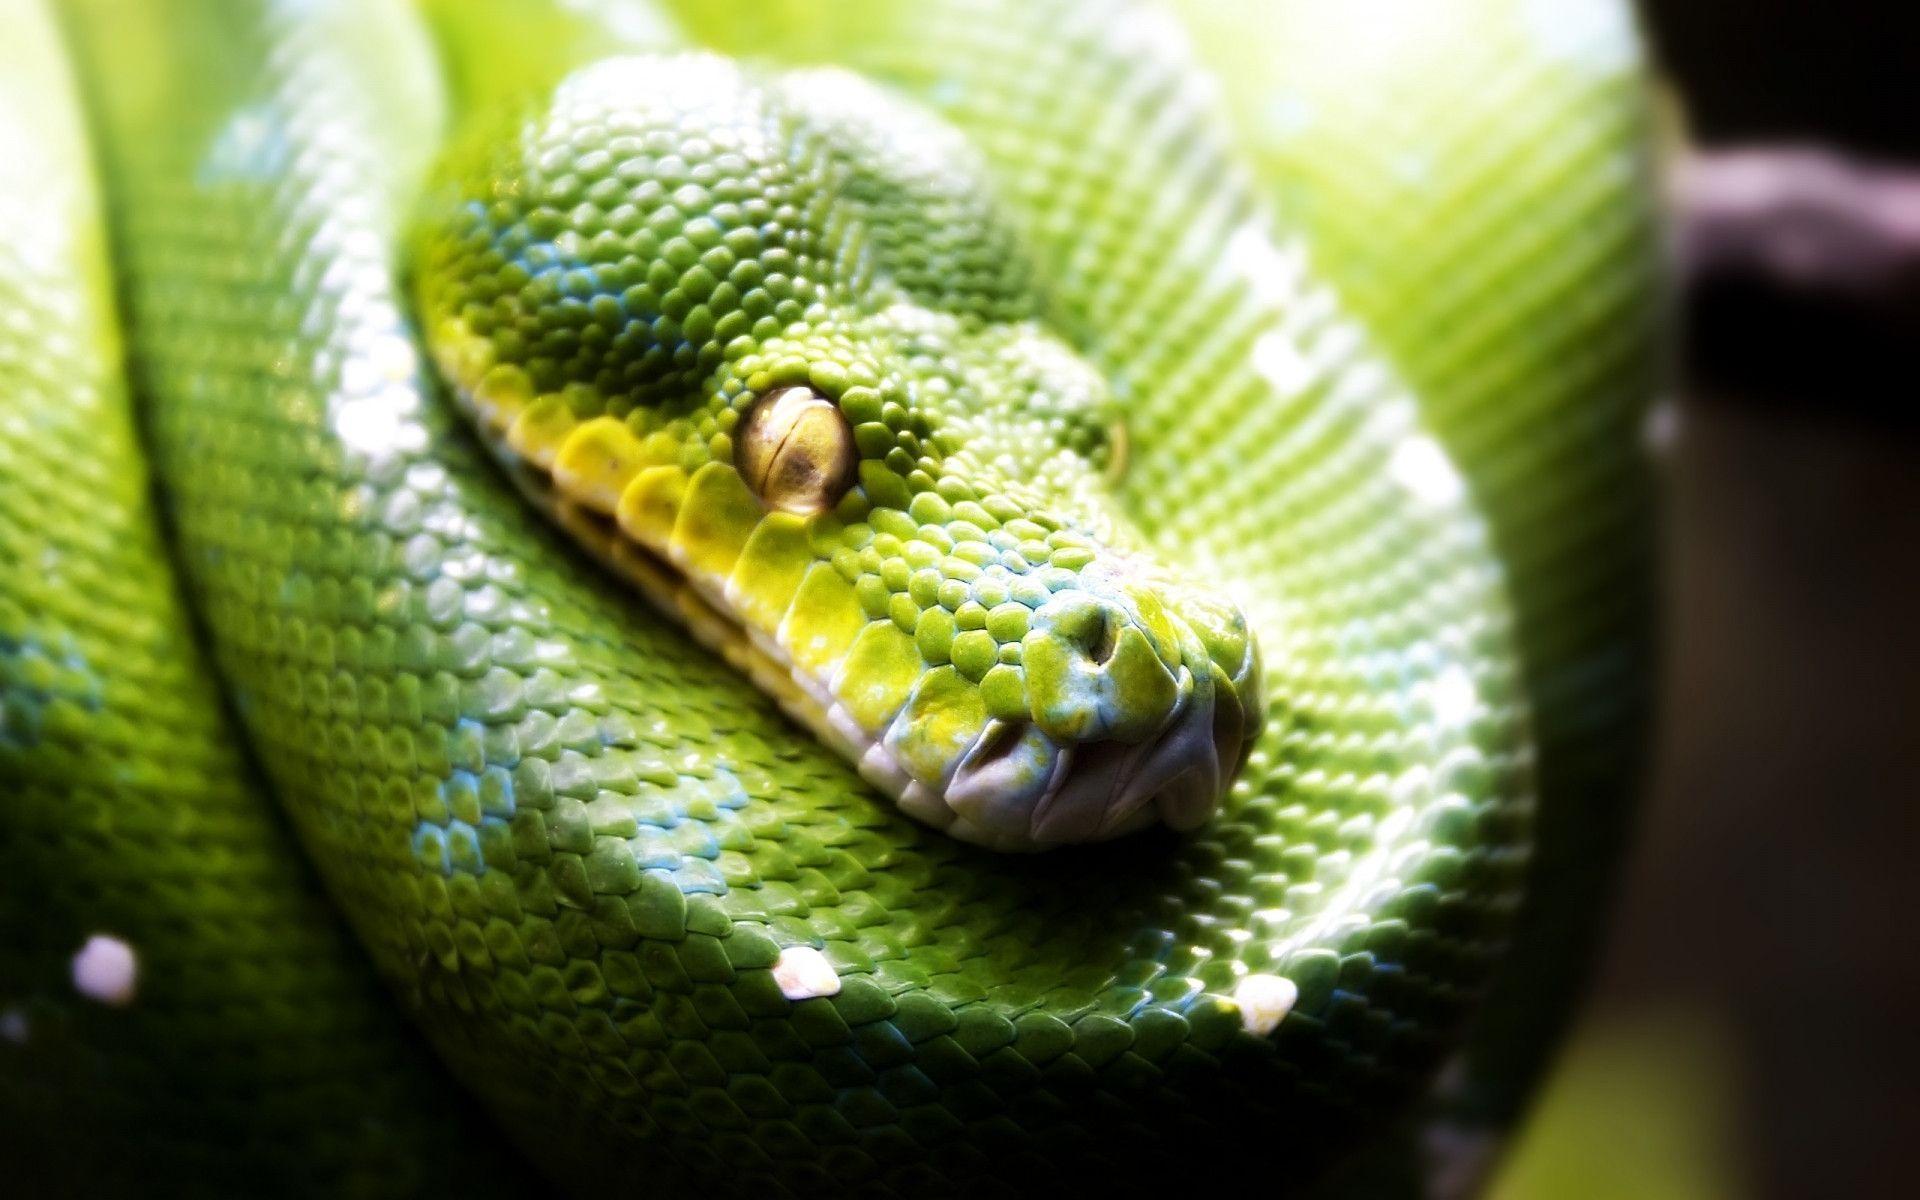 Green snake wallpaper - 1126176